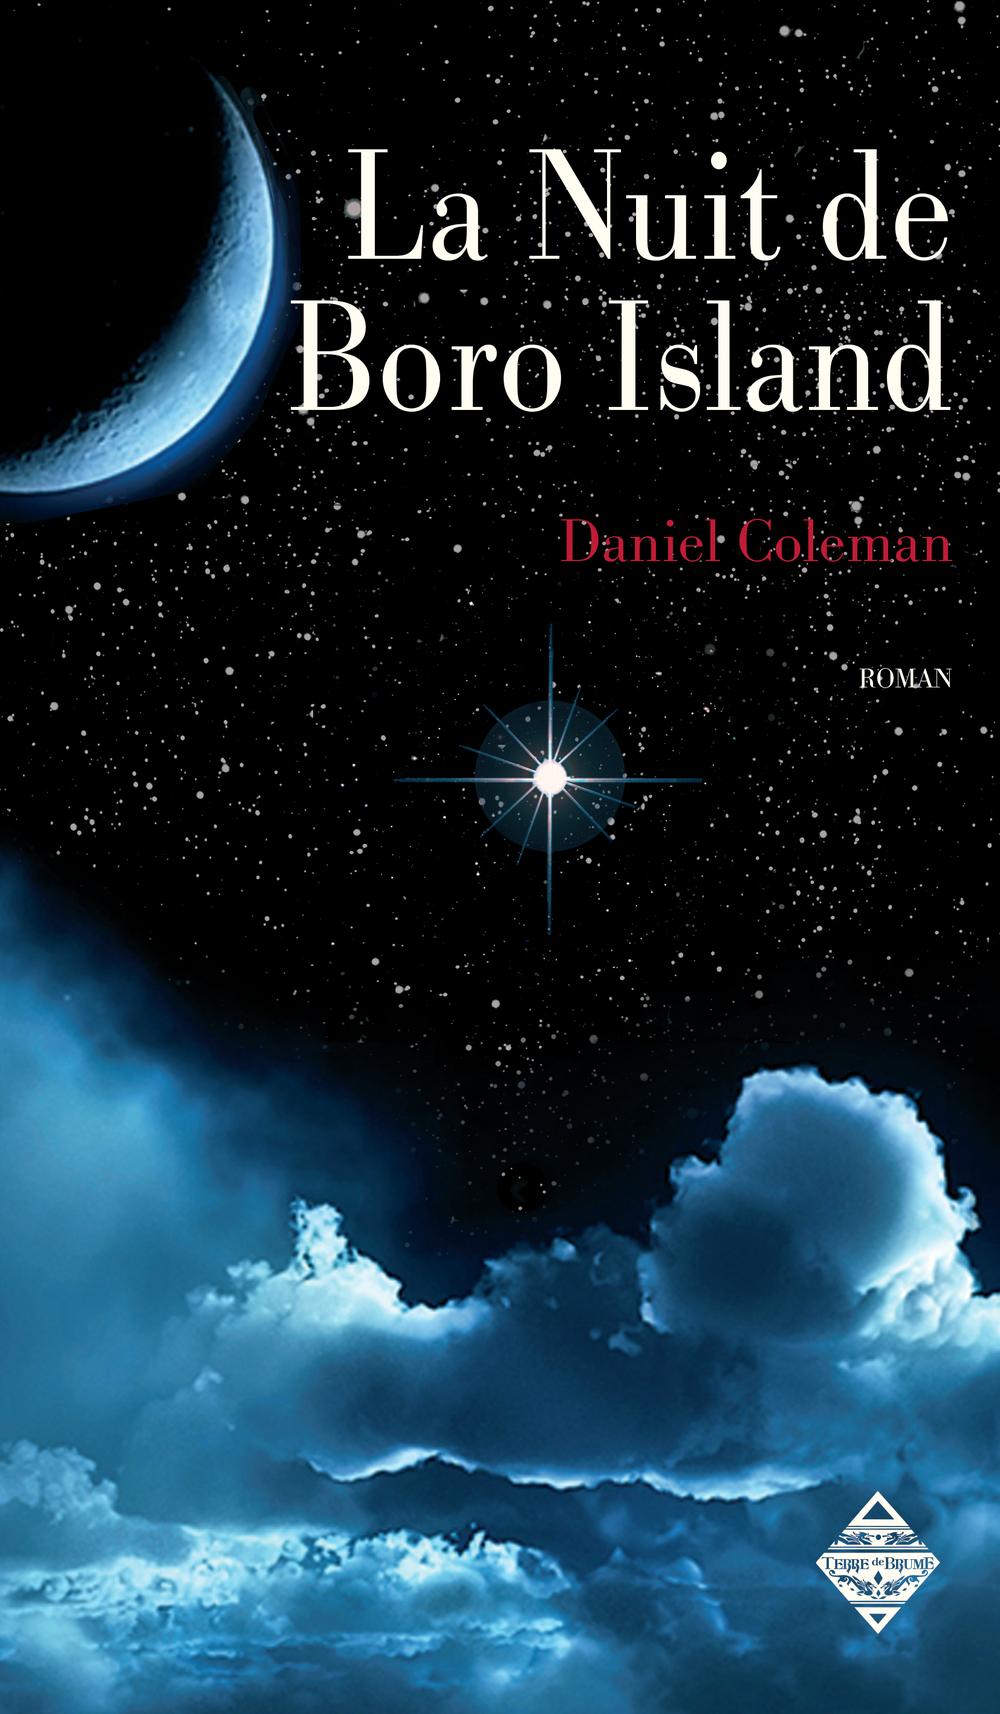 La Nuit de Boro Island